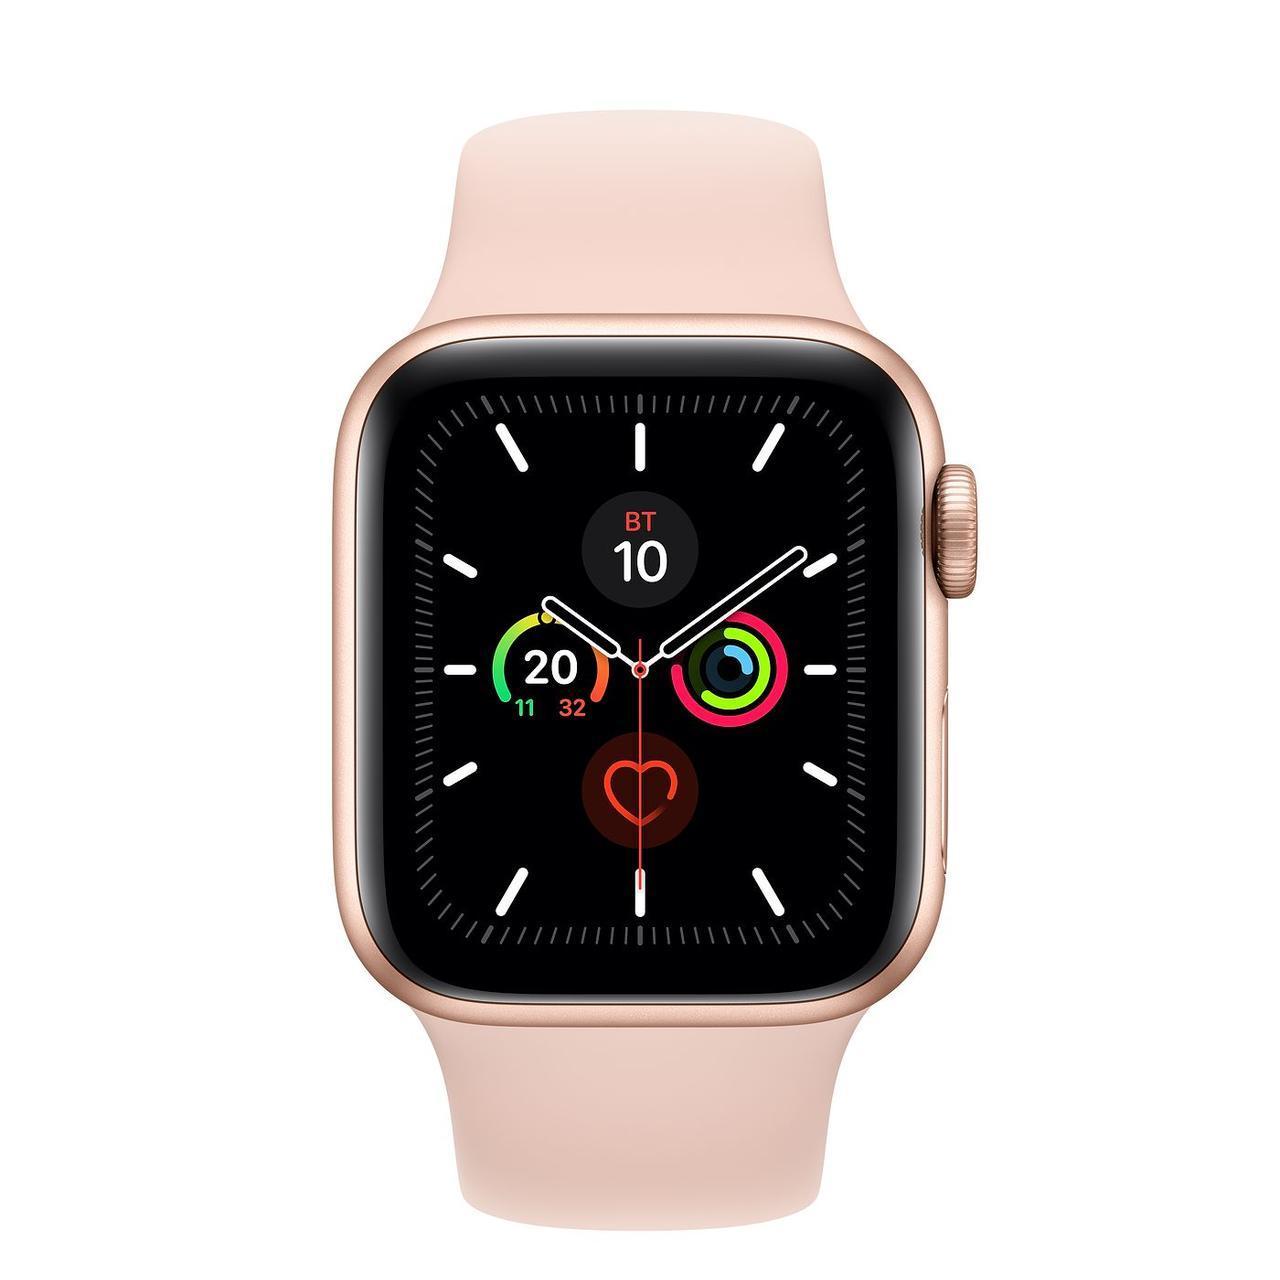 Apple Watch Series 5, 44 мм, корпус из алюминия золотого цвета, спортивный браслет цвета «розовый песок»